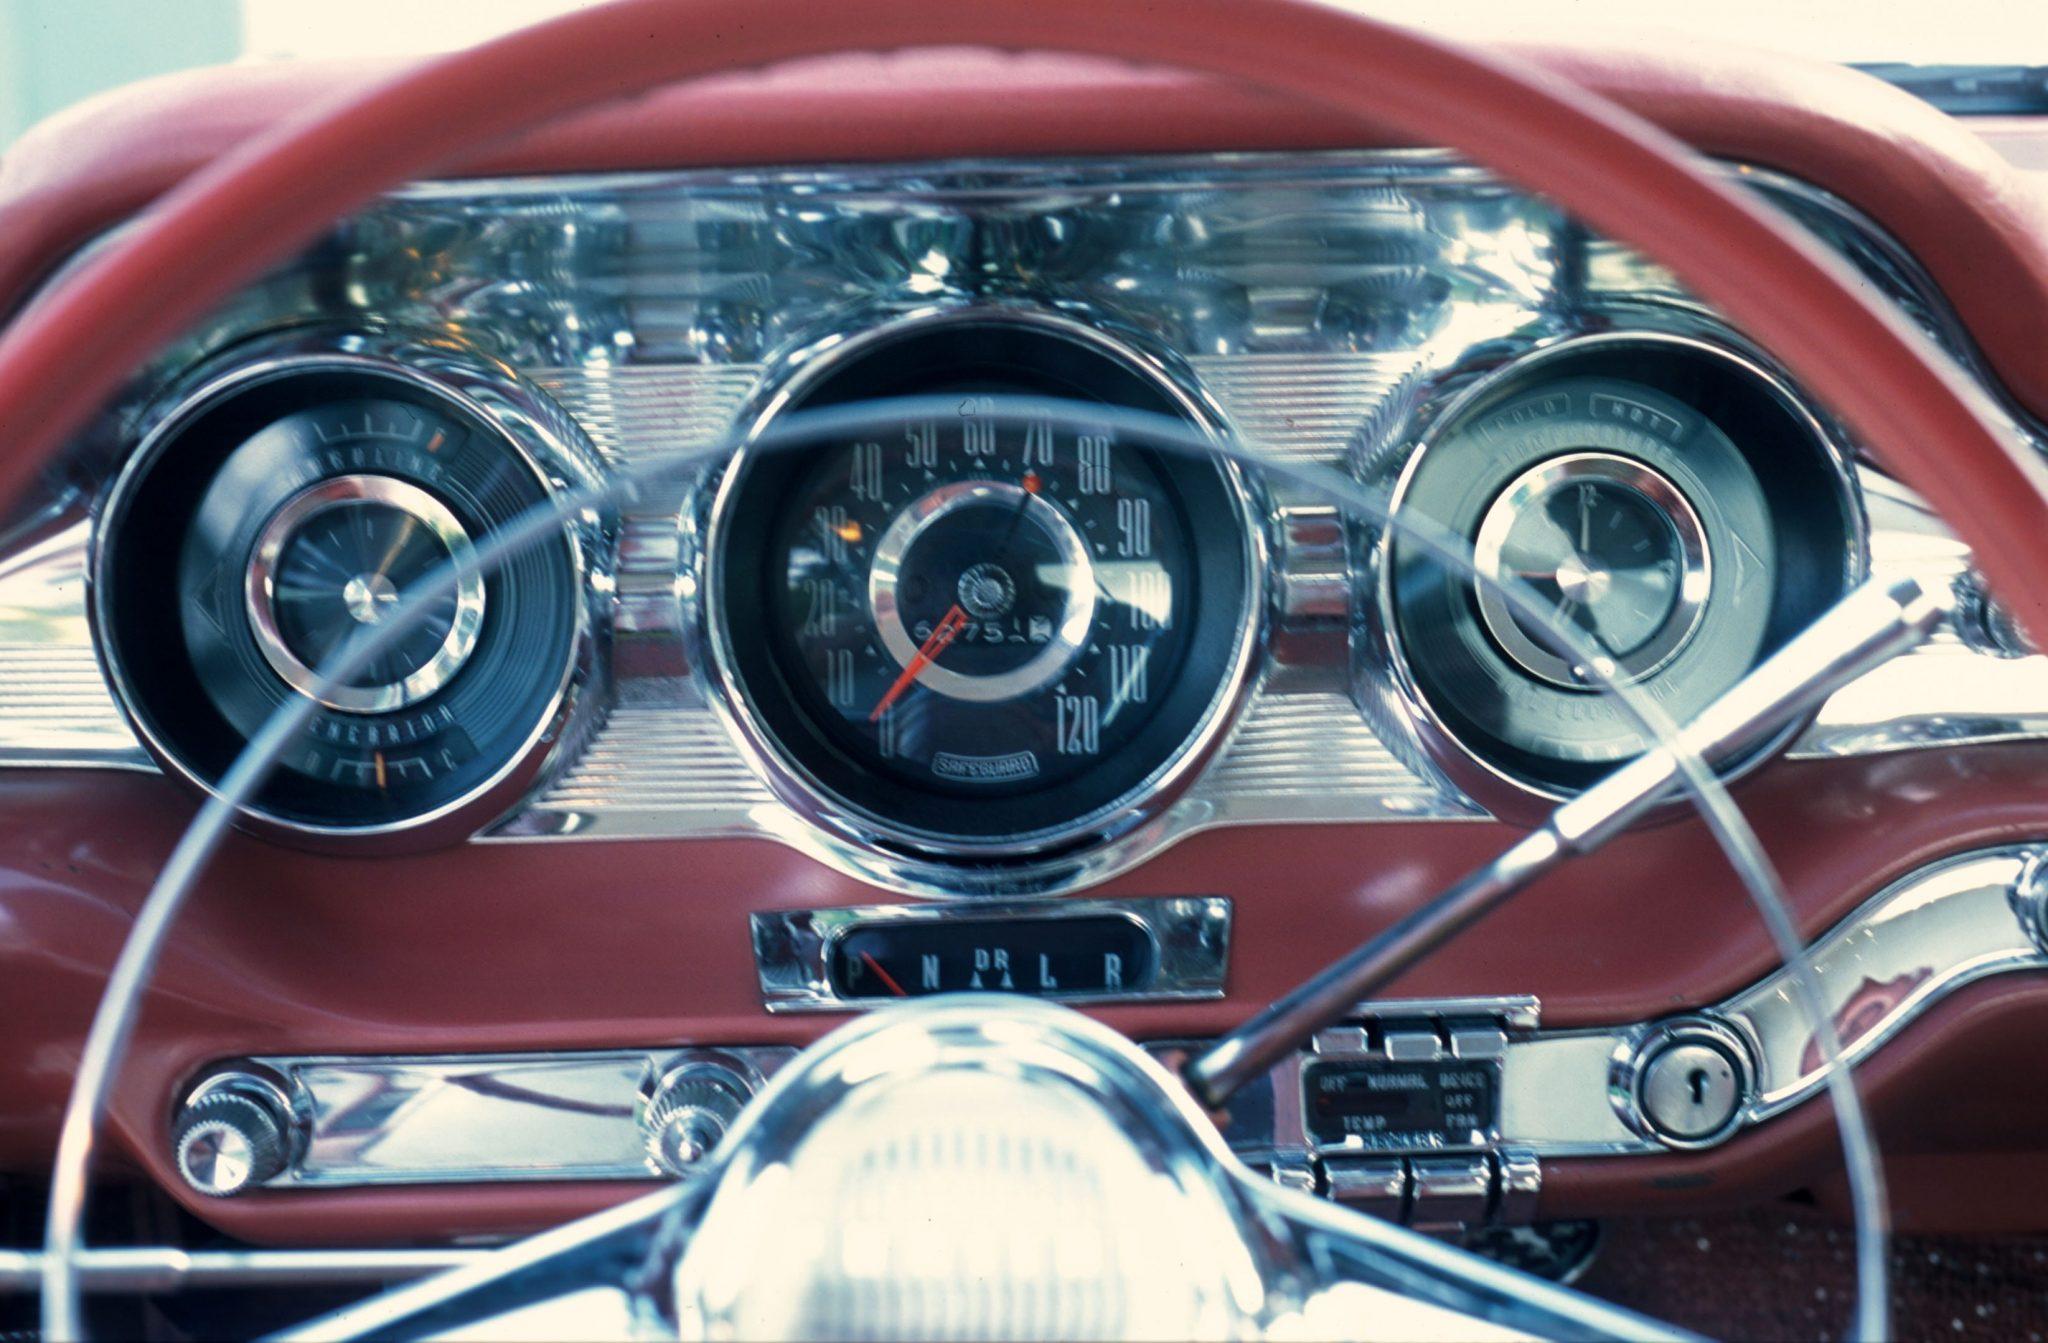 1959 Pontiac Bonneville Dash and Gauges